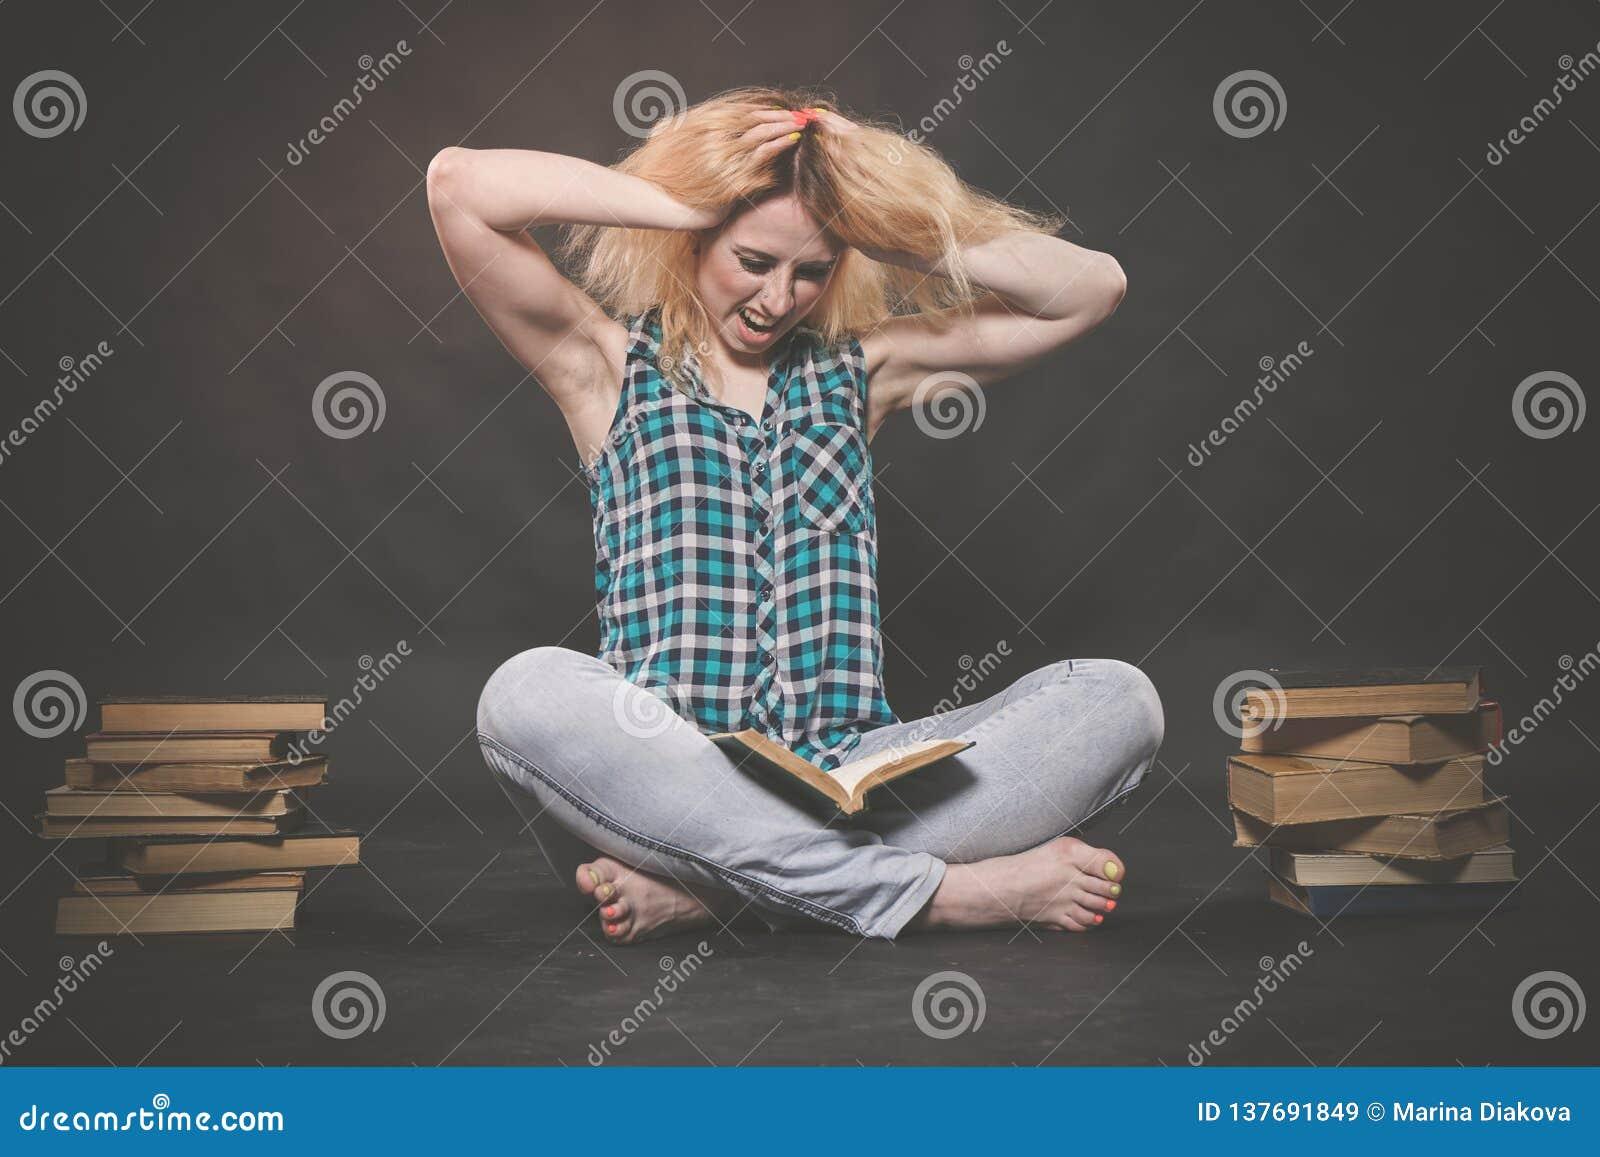 Tonårig flicka som sitter på golvet bredvid böcker och visar känslomässigt hennes hat, hat och trötthet